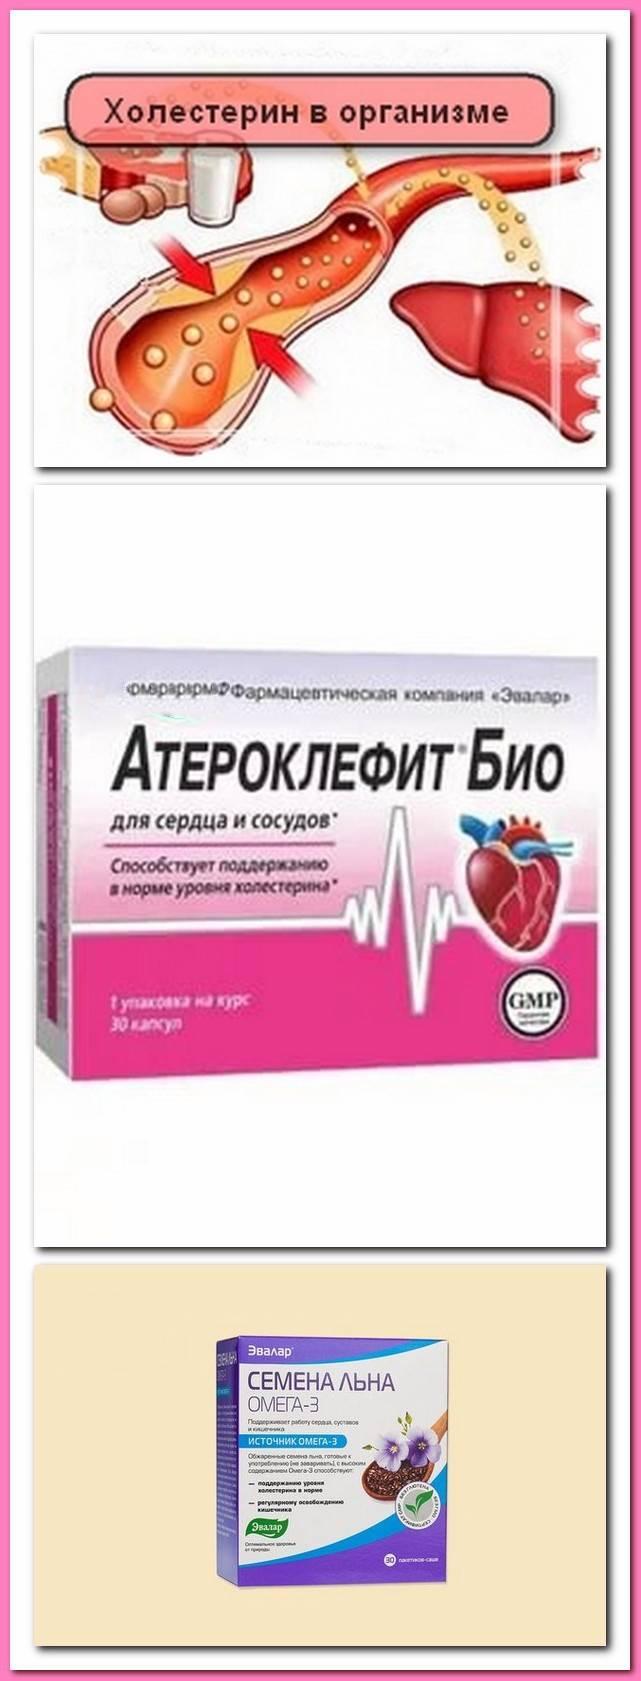 лекарство для чистки сосудов от холестерина